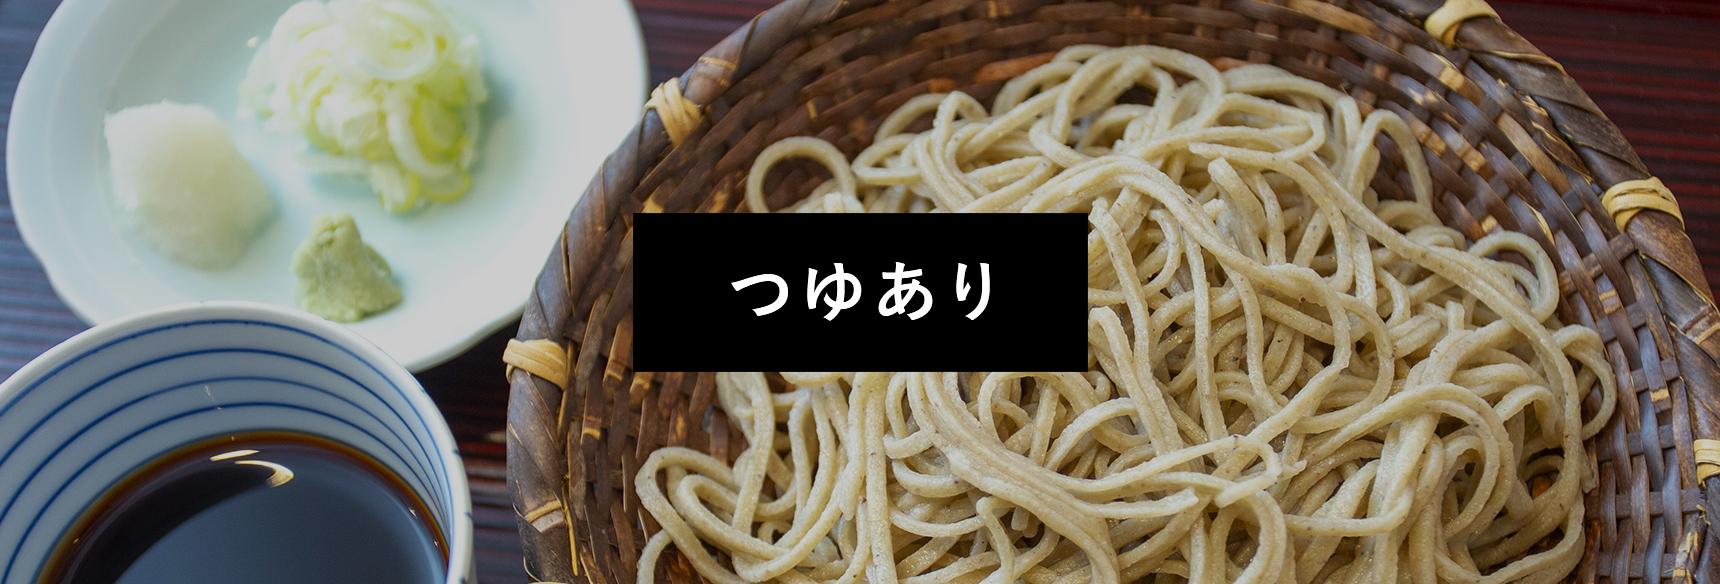 定番商品(つゆあり)